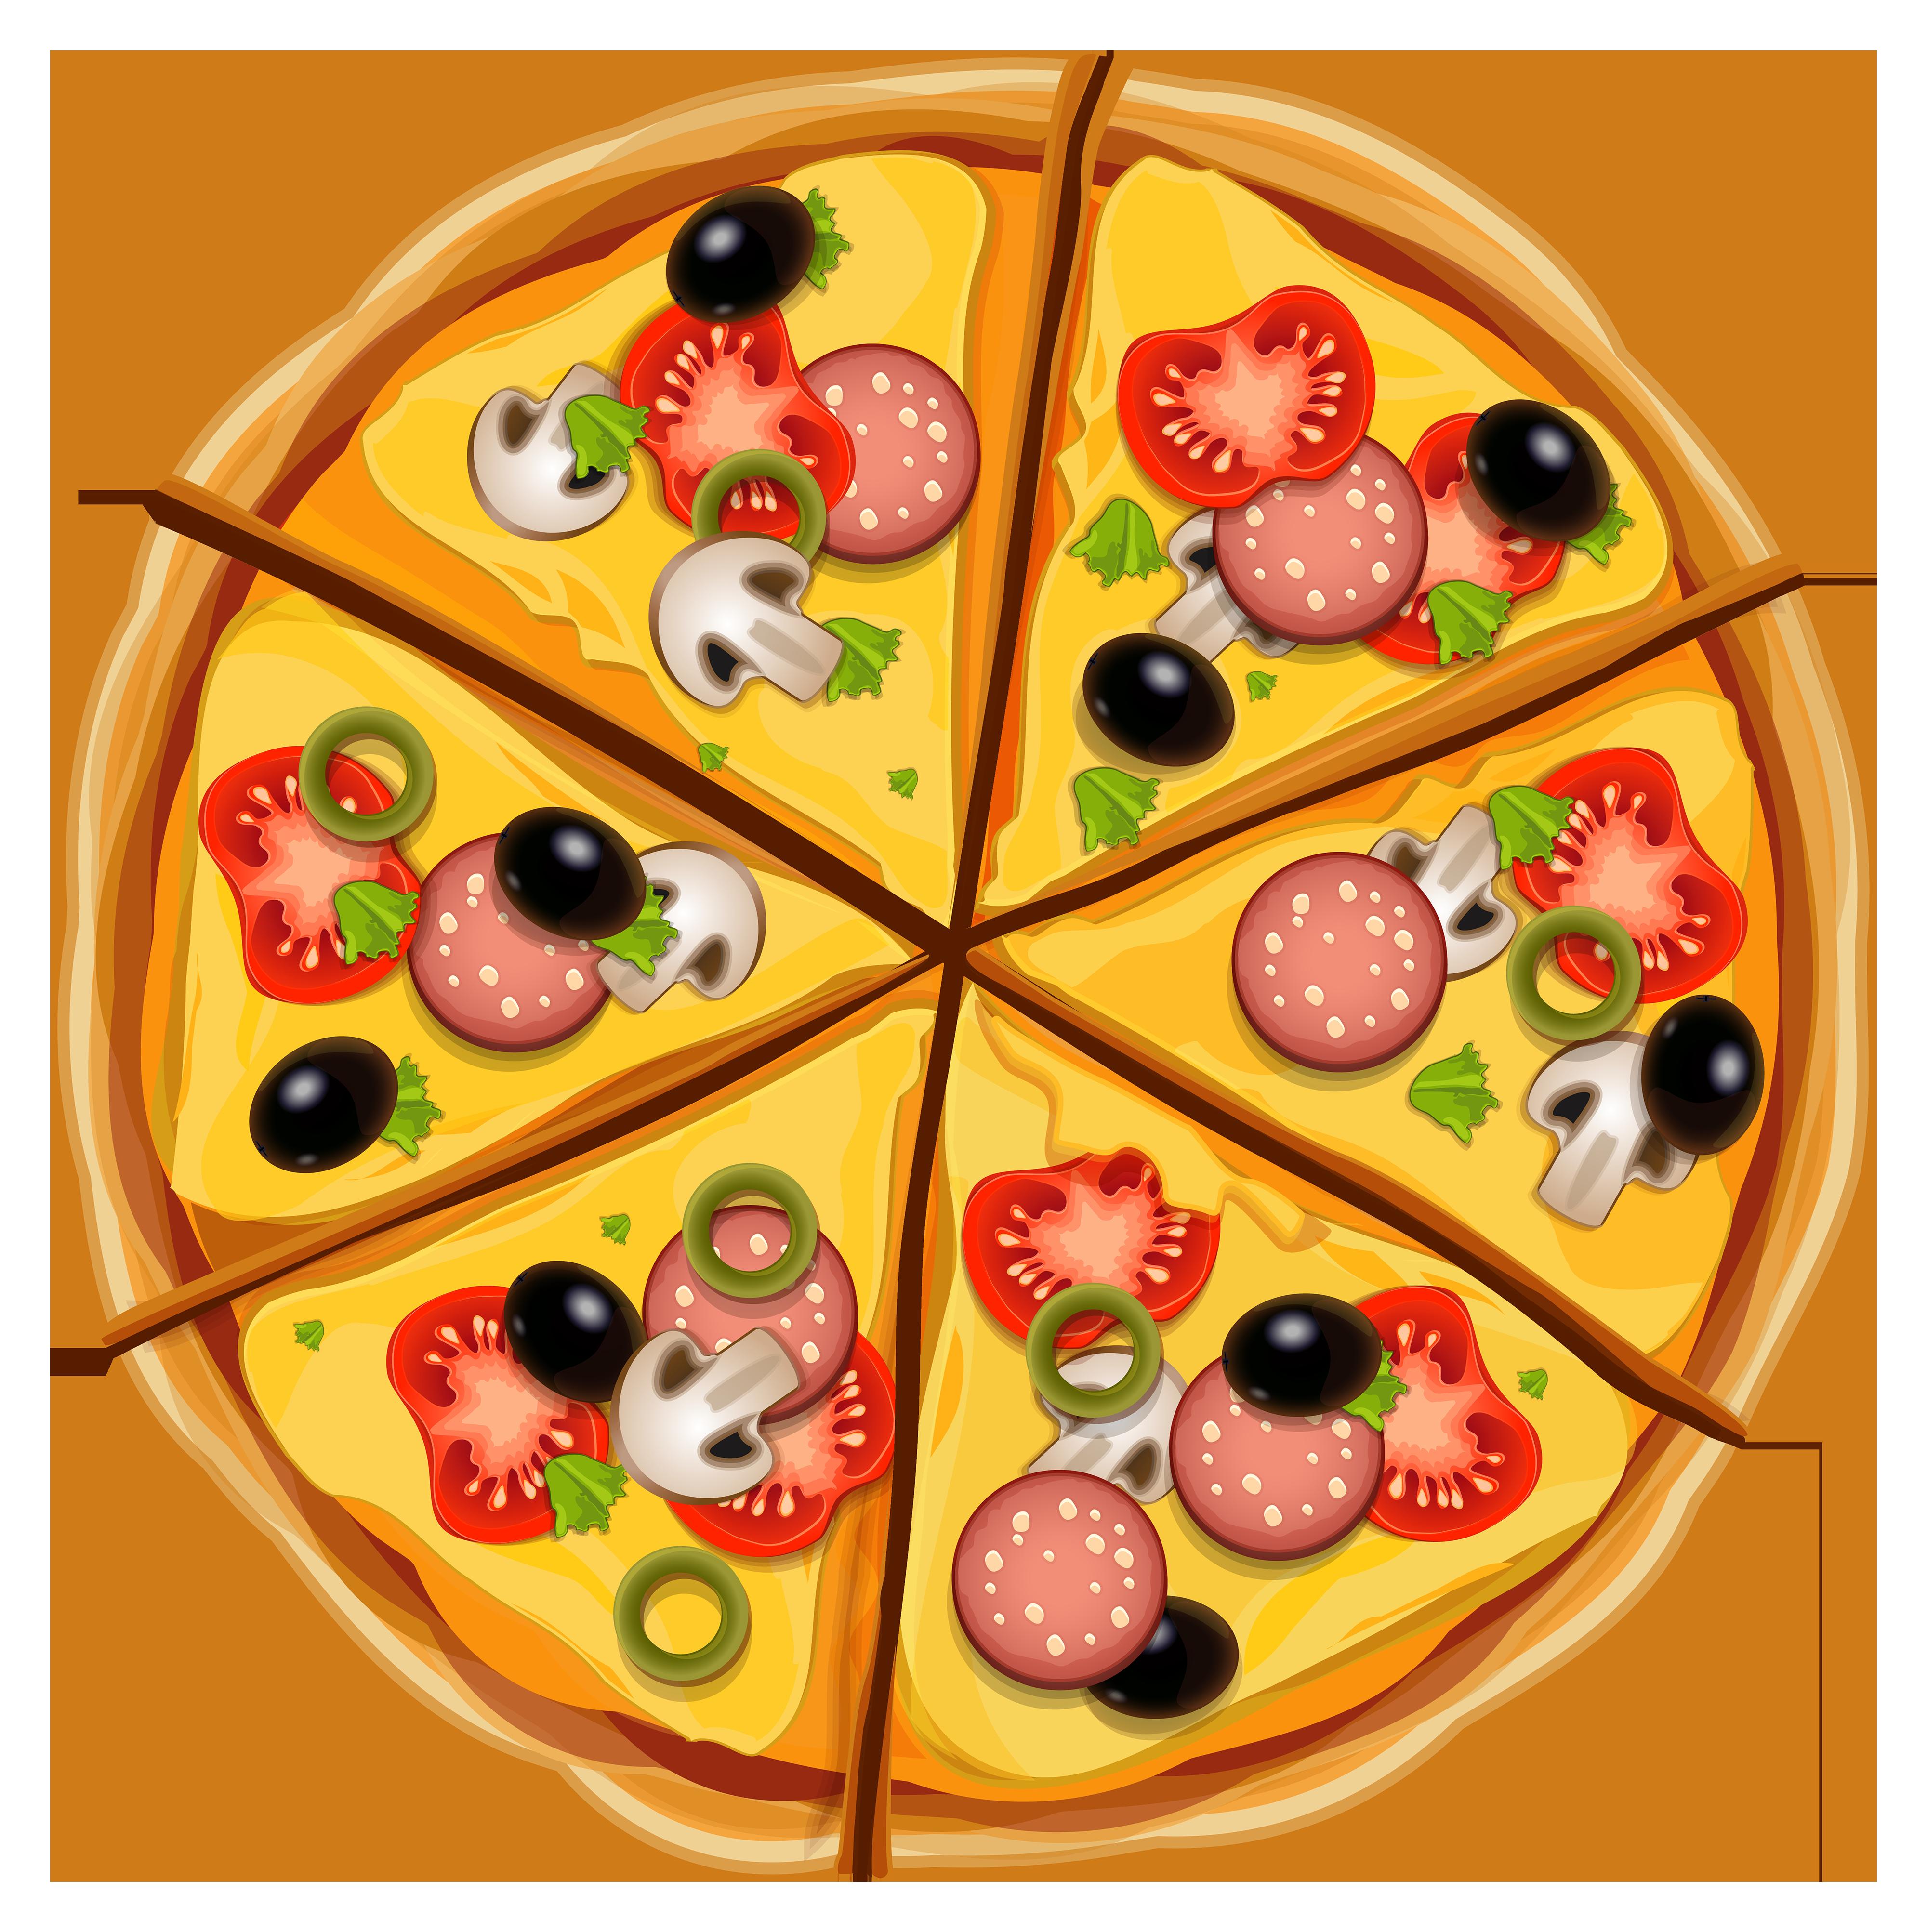 clip transparent stock Png best web. Pizza clipart